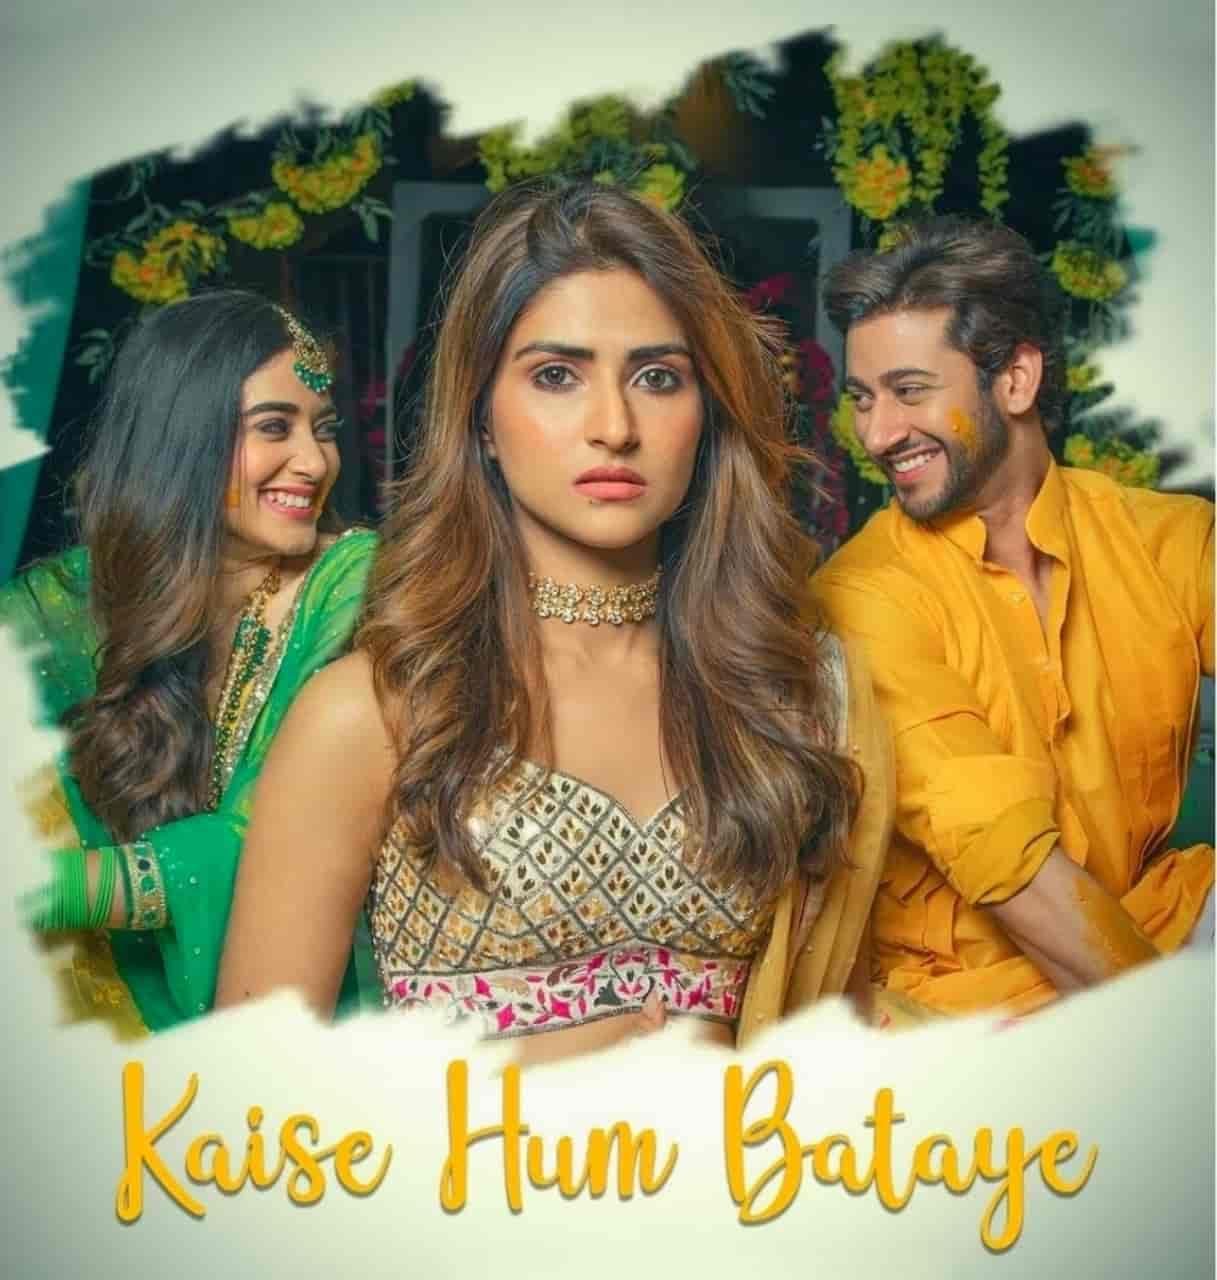 Kaise Hum Bataye Hindi Song Lyrics Nikhita Gandhi Ft. Pranutan Bahl